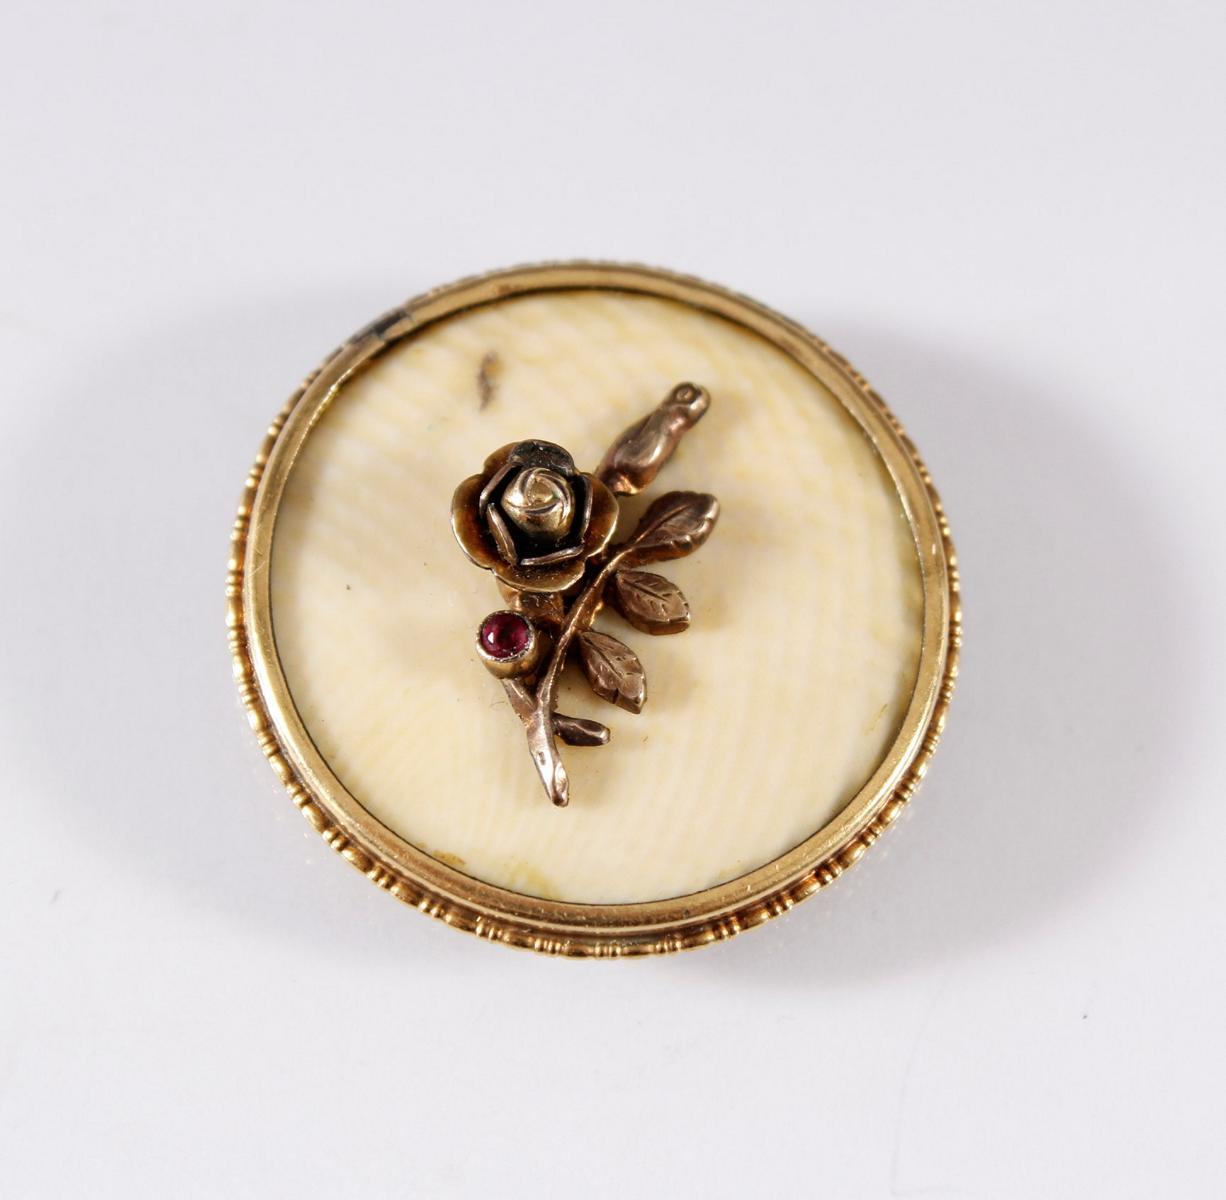 Antikes Amulett aus Elfenbein mit Goldrose und Fassung, 8 Karat Gelbgold